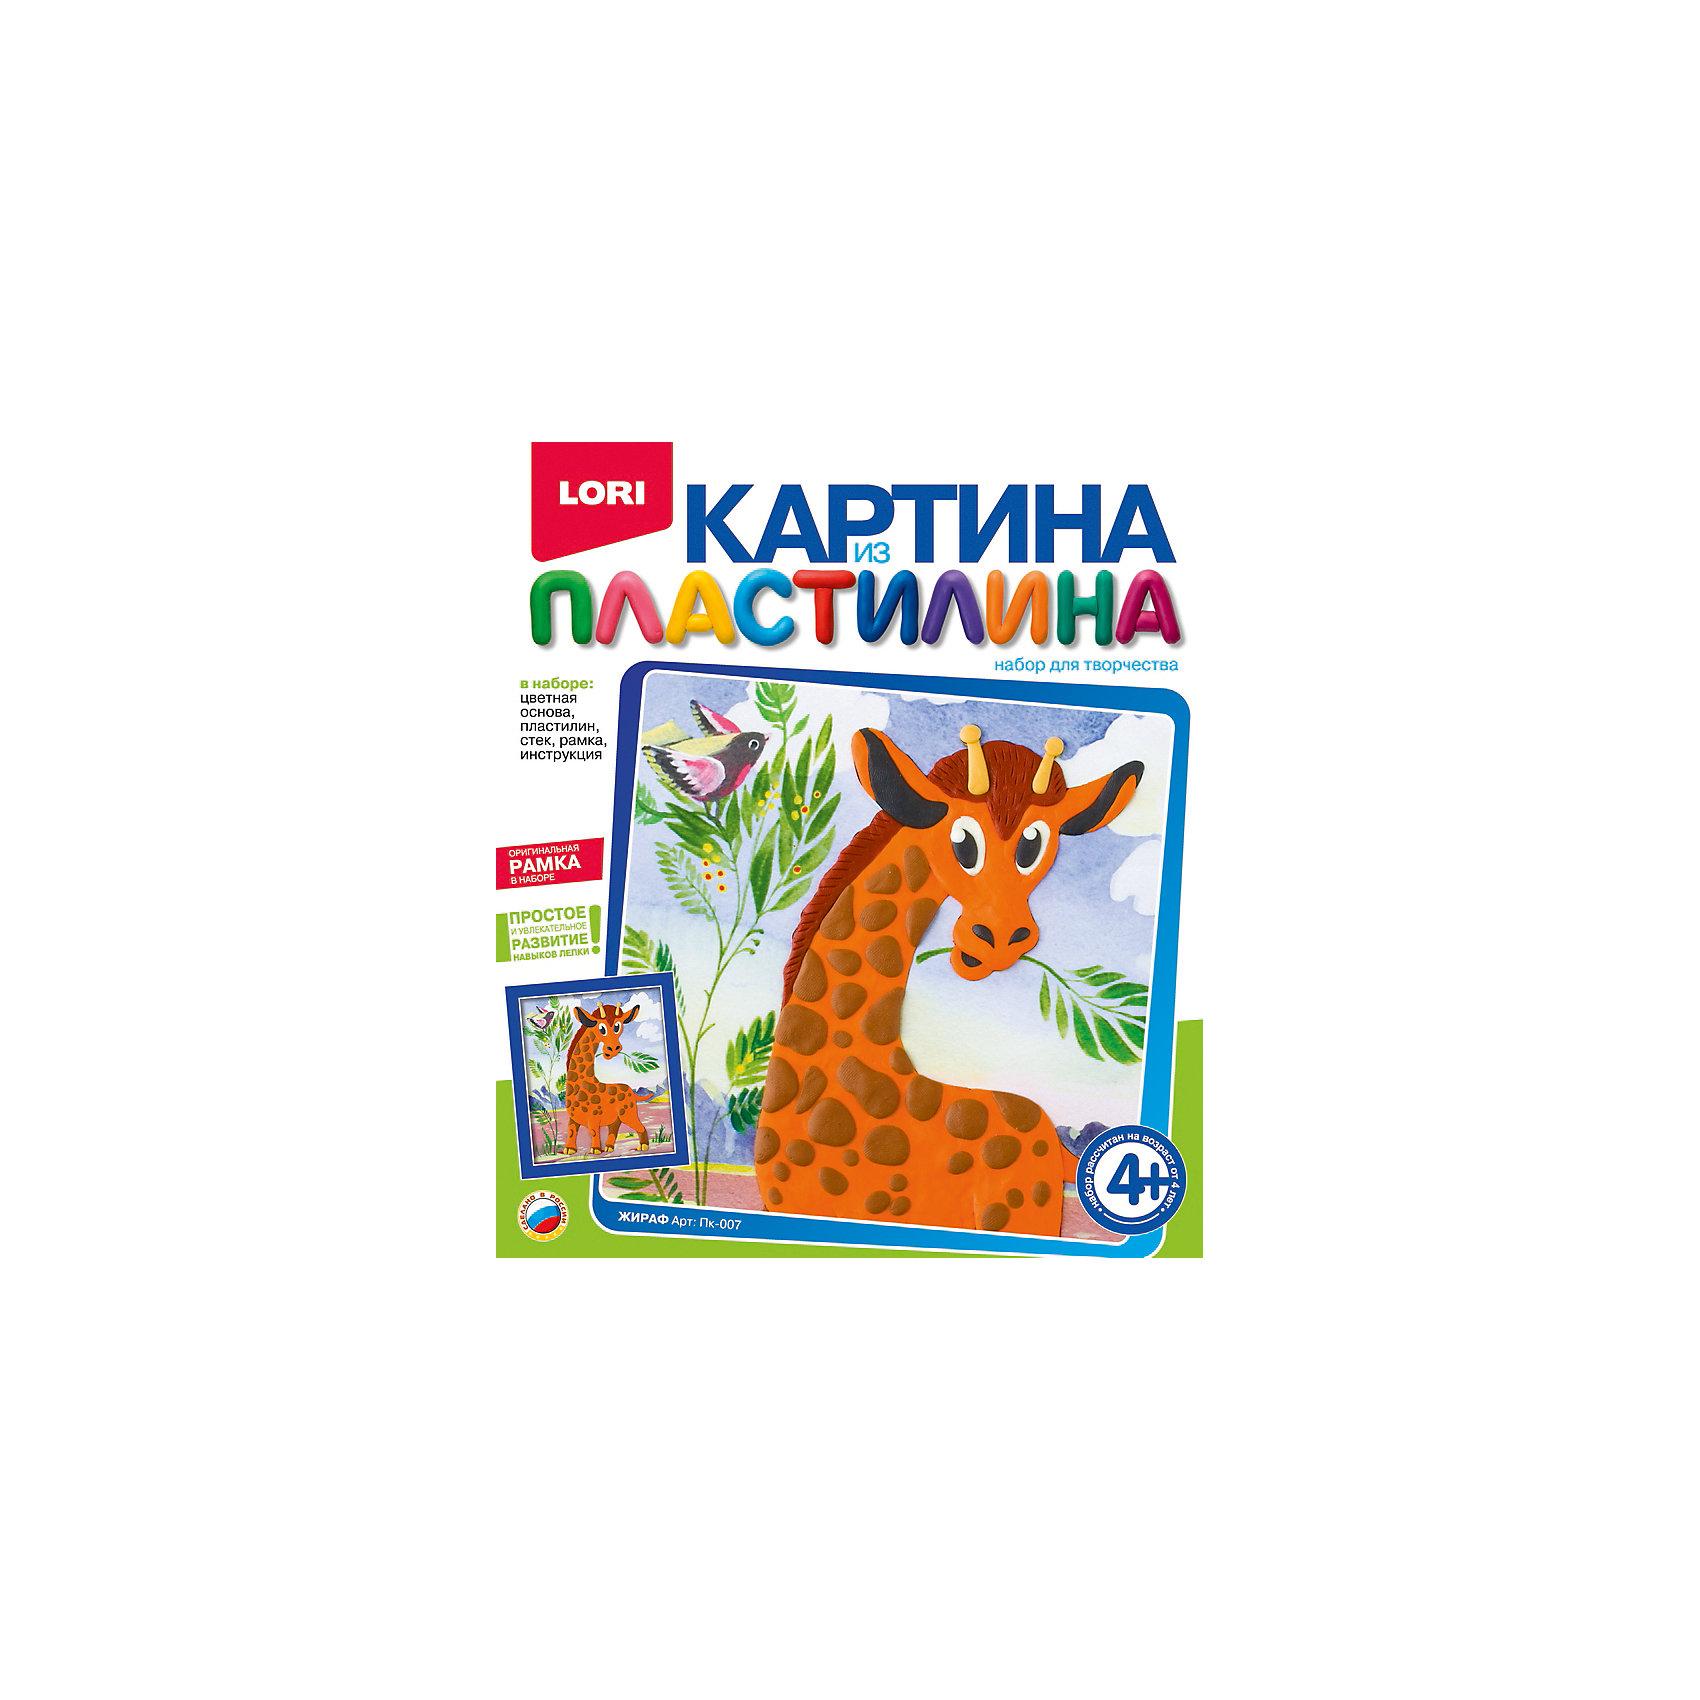 Картина из пластилина Жираф, LORIЛепка<br>Если Вы и Ваш ребенок любите проводить время вмести и учиться чему-то новому, то набор для создания картин из пластилина Жираф от LORI (ЛОРИ) - это то, что Вы искали. С его помощью Вы научите ребенка не только различать цвета, но и создавать настоящие картины из пластилина. Техника очень простая, поэтому набор подойдет для самых маленьких любителей лепки. Ребенка обязательно привлечет яркая картинка, с изображением симпатичного жирафика. Приклеивая кусочек за кусочком, ребенок увидит, как картинка будто оживает у него на глазах! Малыш обязательно влюбится в это увлекательное занятие! Покажите ребенку, как создается картинка на одном фрагменте и вскоре он будет увлеченно подбирать цвета и приклеивать кусочки пластилина самостоятельно. По окончании работы, Вы сможете смастерить рамку и повесить замечательную картинку на видное место! Занятие с увлекательным набором Жираф от LORI (ЛОРИ) способствует развитию мелкой моторики, мышления и воображения детей. <br><br>Дополнительная информация:<br><br>- Способствует развитию моторики, мышления, воображения;<br>- В комплекте: цветная основа, пластилин, стек, рамка, инструкция;<br>- Отлично подойдет малышам;<br>- Прекрасный подарок;<br>- В наборе оригинальная рамка;<br>- Размер упаковки: 23 х 20 х 4 см;<br>- Вес: 238 г<br><br>Картину из пластилина Жираф, LORI (ЛОРИ) можно купить в нашем интернет-магазине.<br><br>Ширина мм: 200<br>Глубина мм: 230<br>Высота мм: 40<br>Вес г: 238<br>Возраст от месяцев: 48<br>Возраст до месяцев: 108<br>Пол: Унисекс<br>Возраст: Детский<br>SKU: 4073074